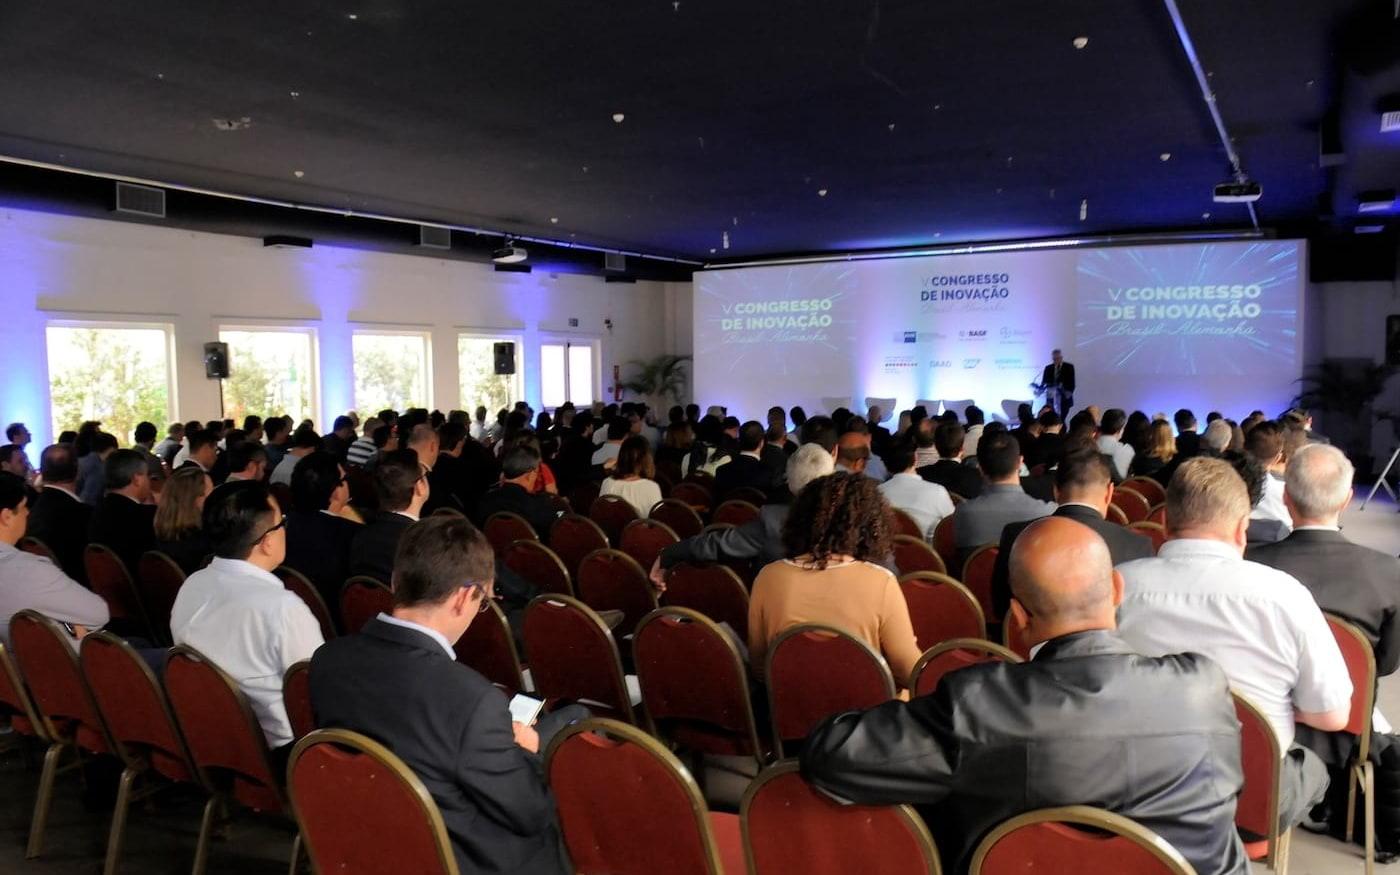 Mobilidade urbana sustentável: confira o painel do Congresso Brasil-Alemanha de Inovação 2019